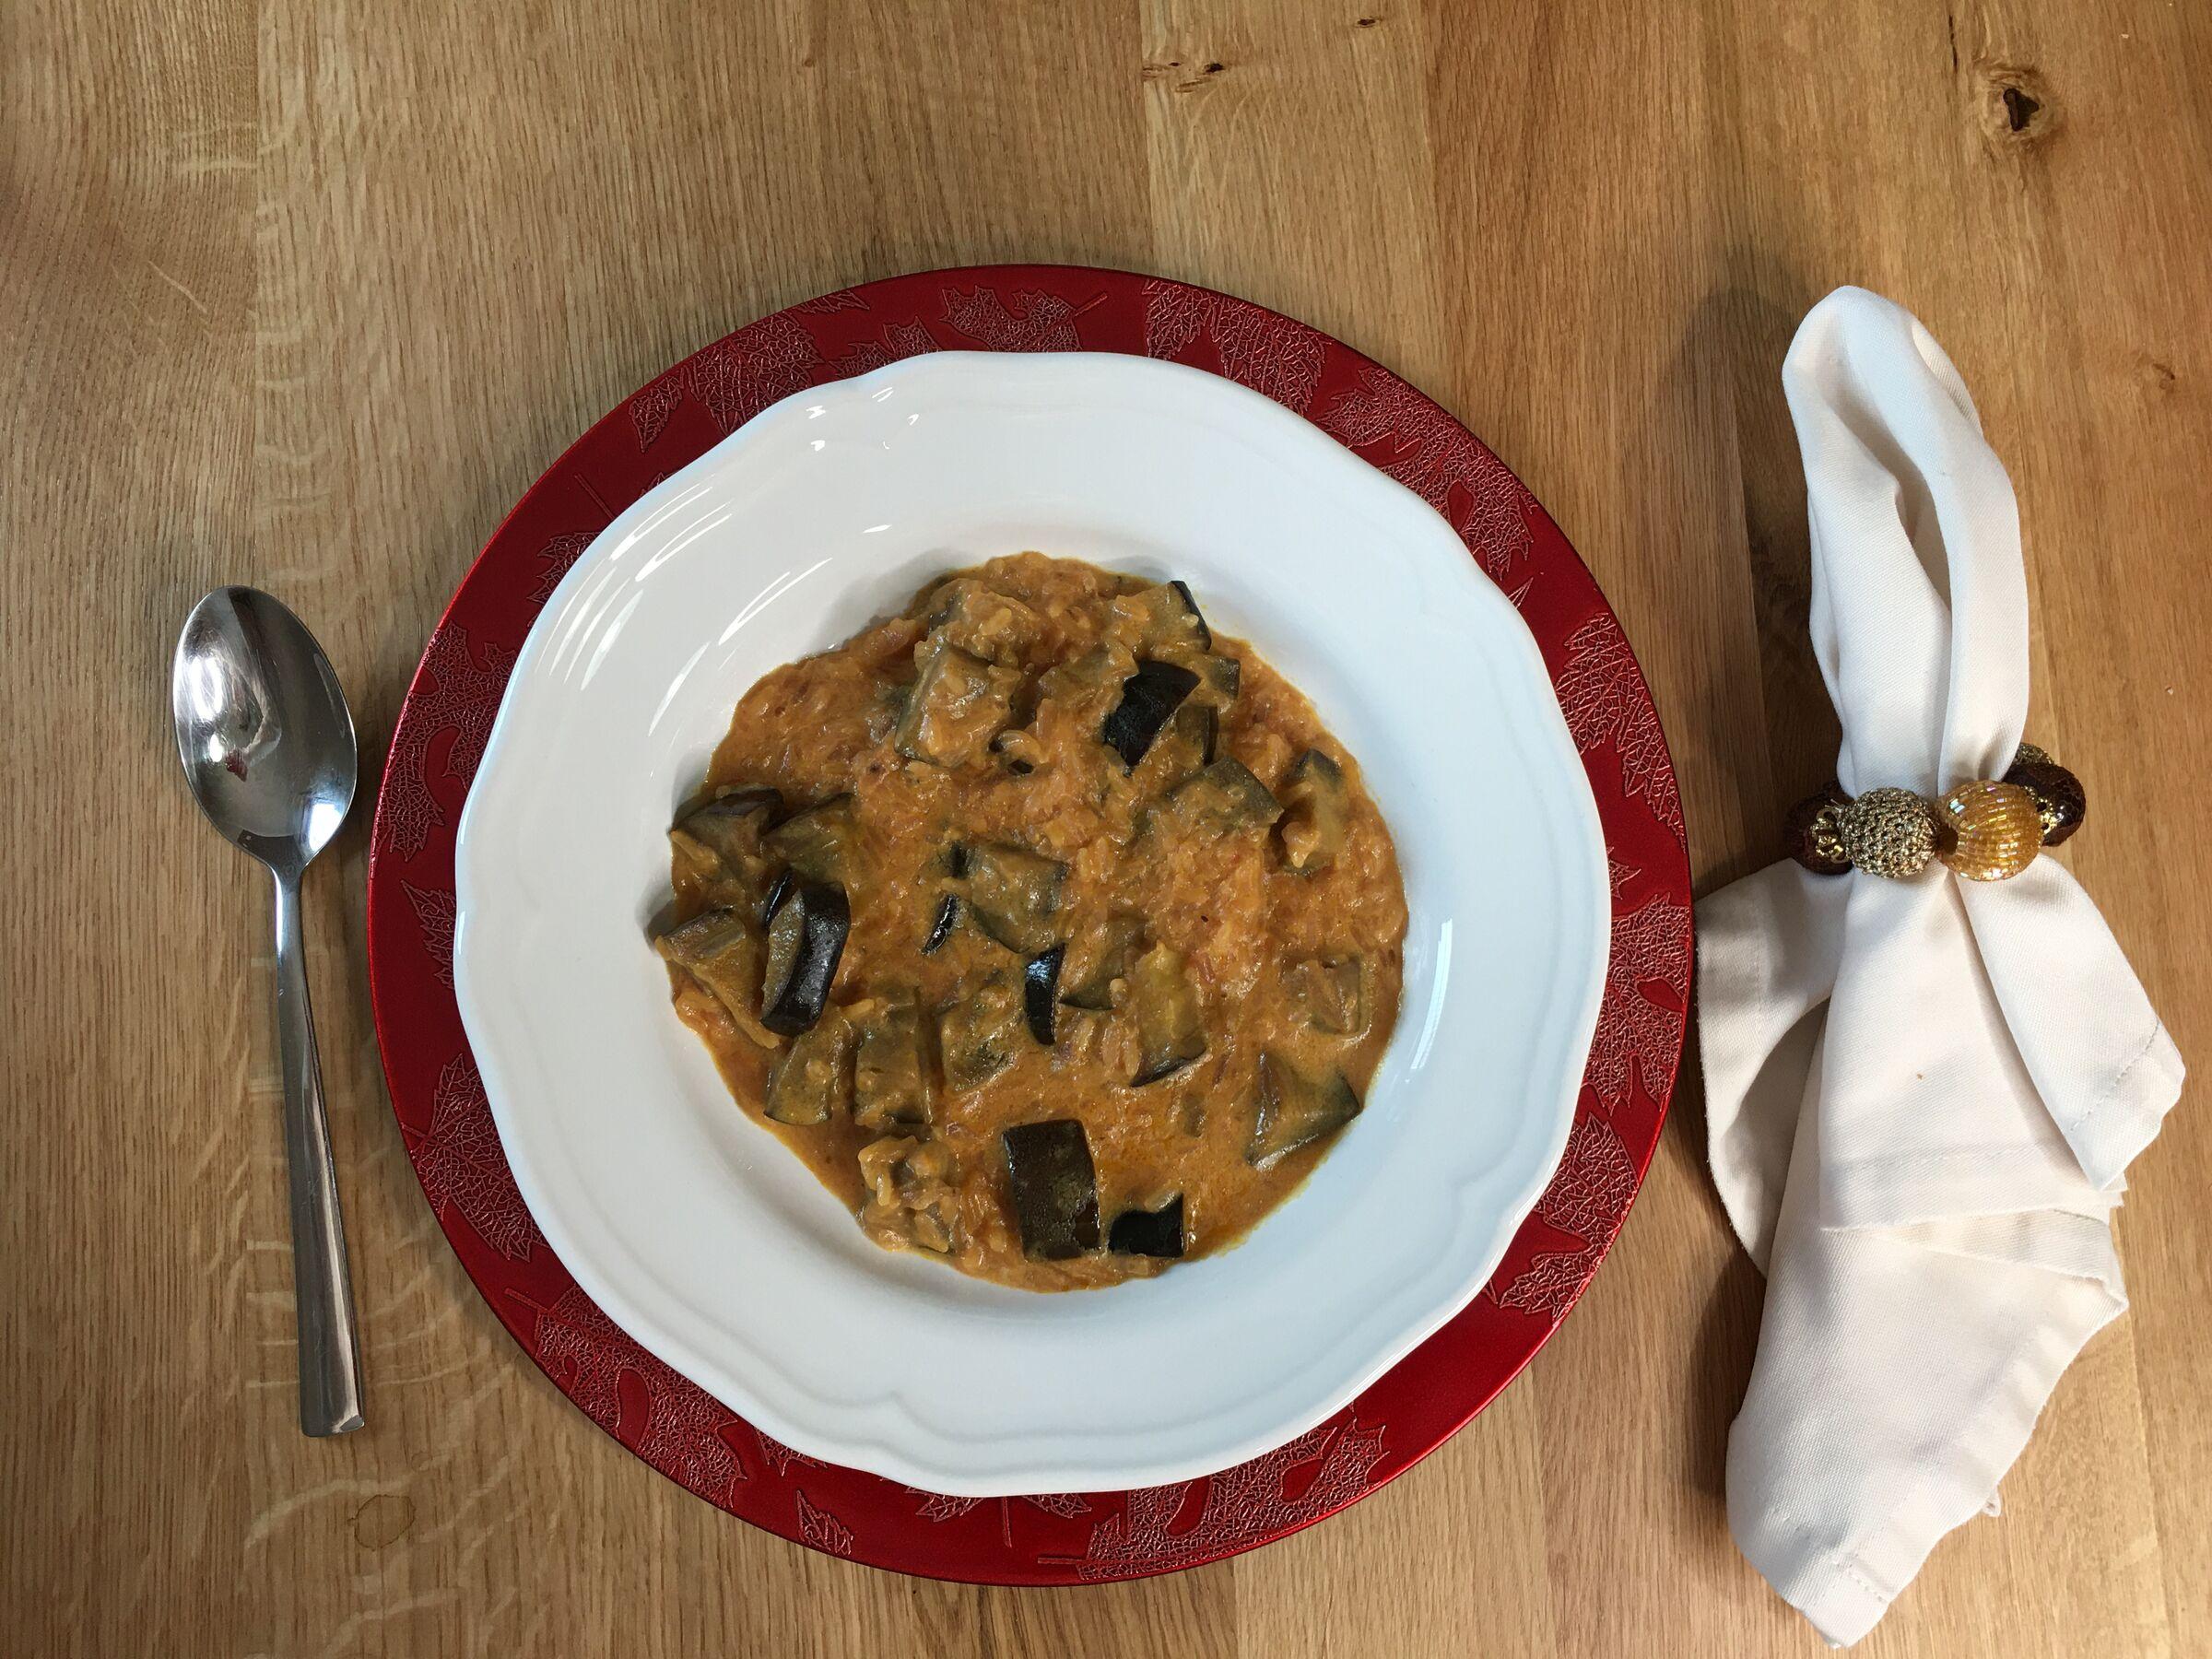 Receitas para o cardápio de inverno da família - risoto de beterraba e berinjela